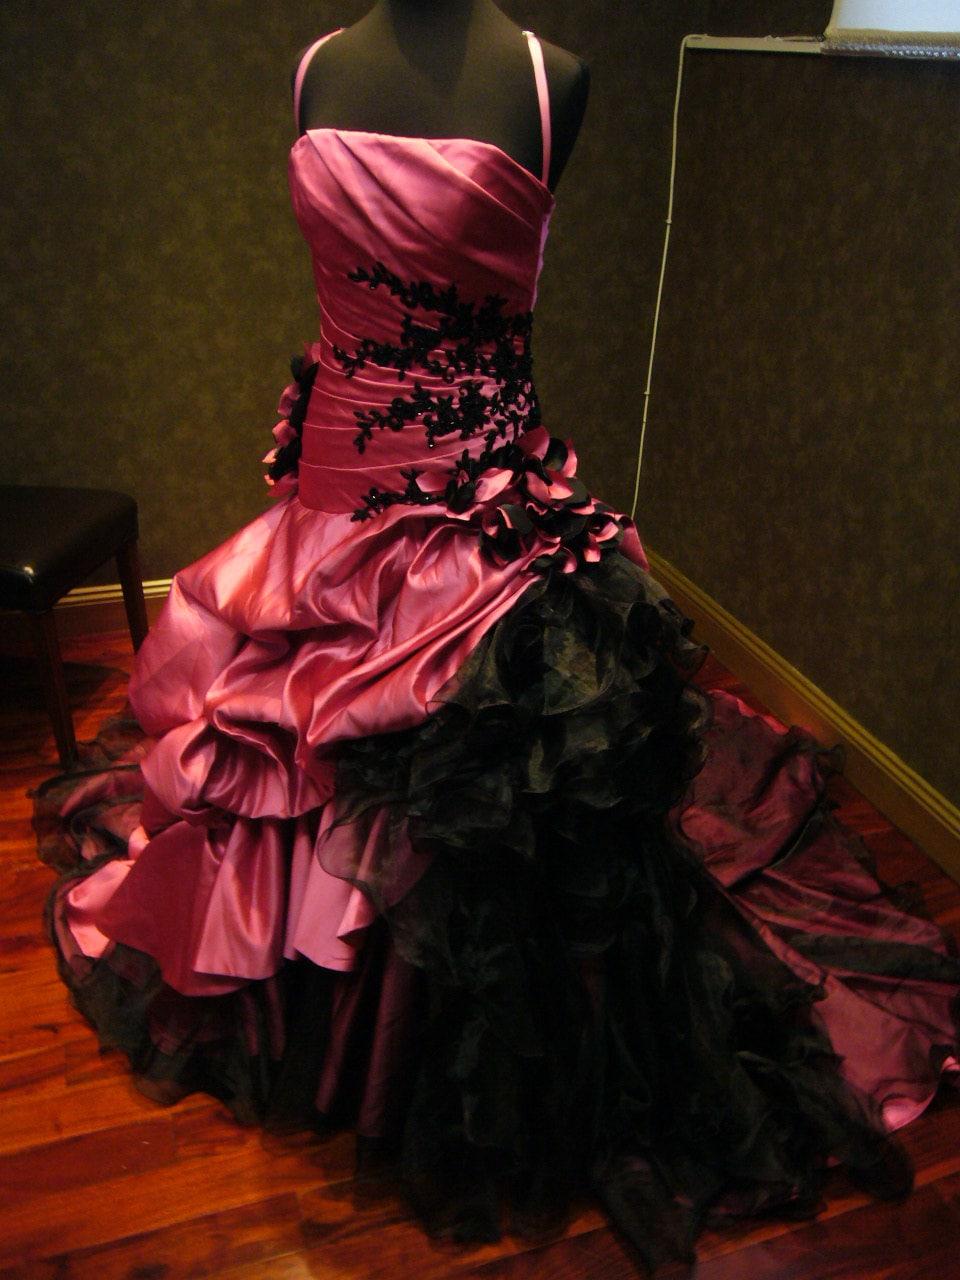 stunning pink and black wedding dress by weddingdressfantasy. Black Bedroom Furniture Sets. Home Design Ideas